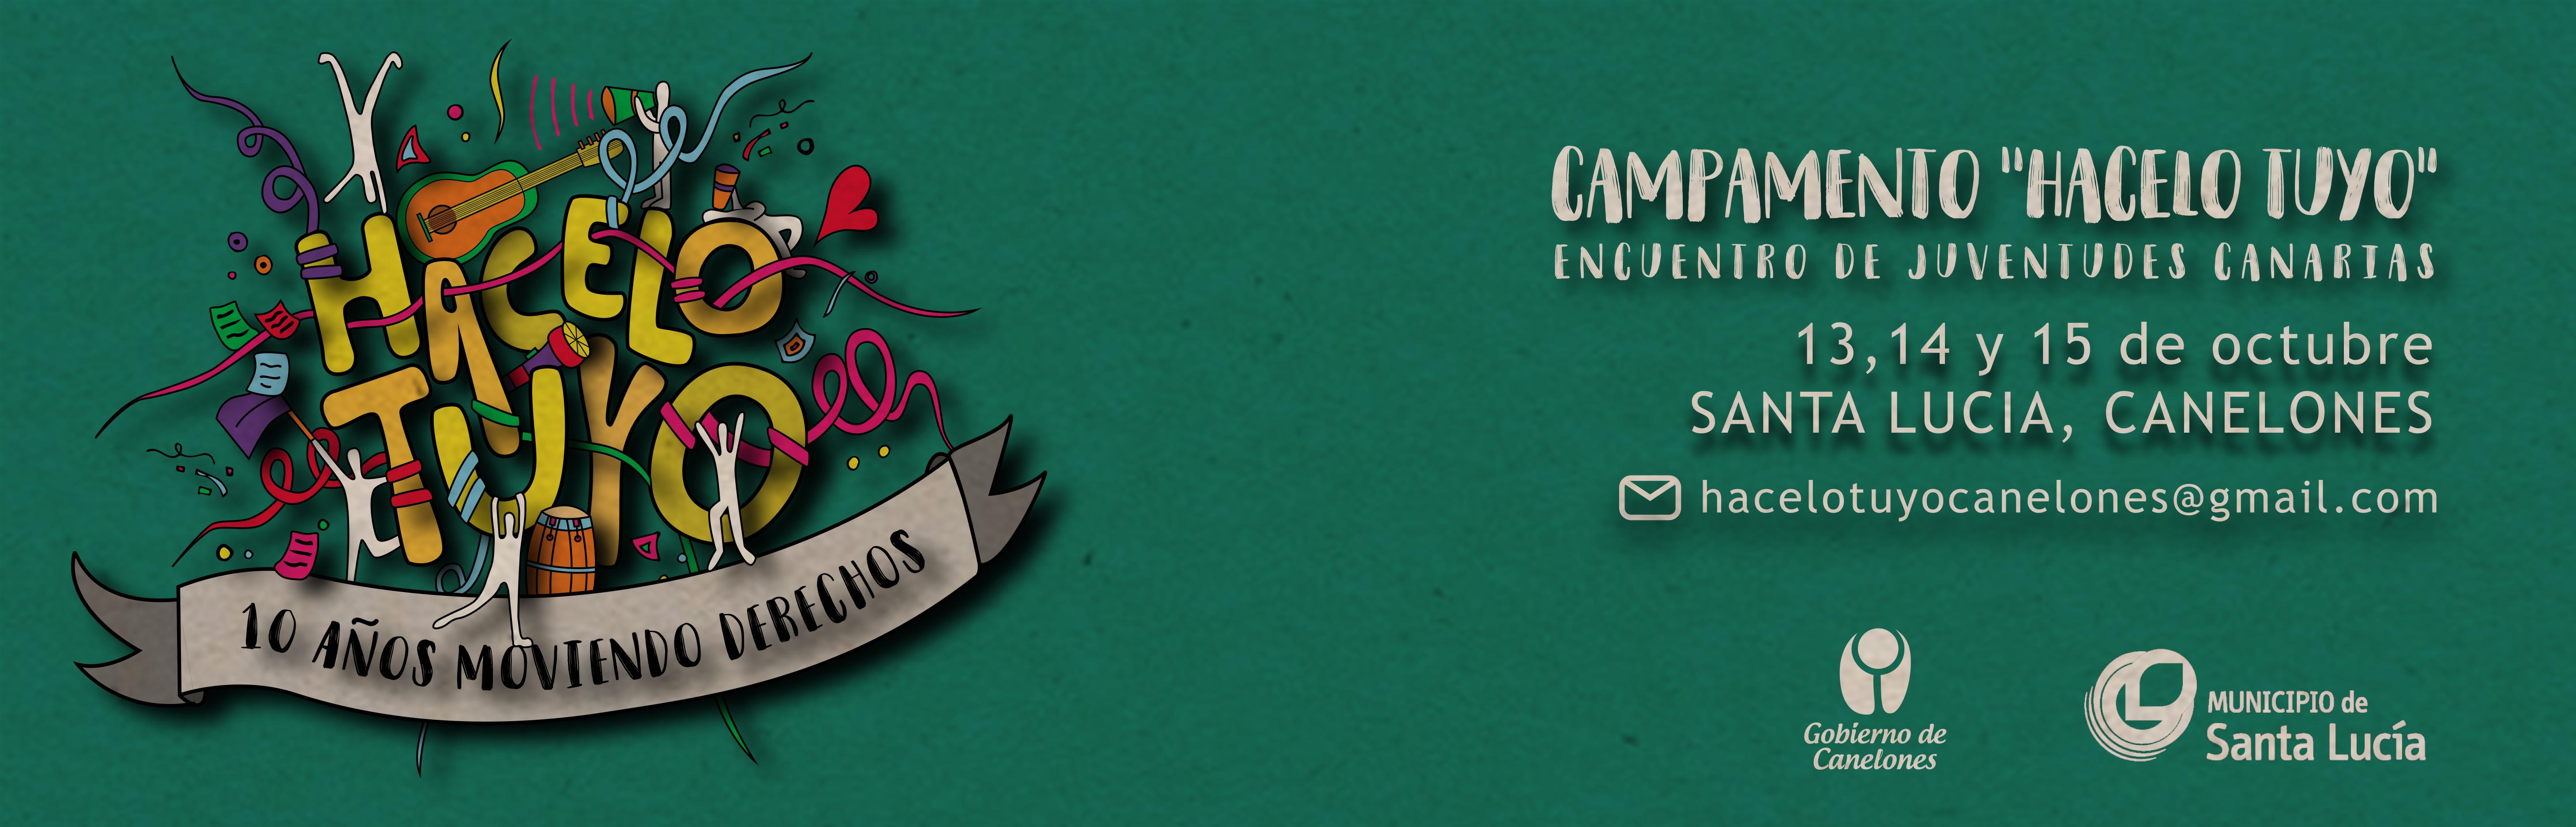 """Campamento """"Hacelo tuyo"""" - Encuentro de Juventudes Canarias"""